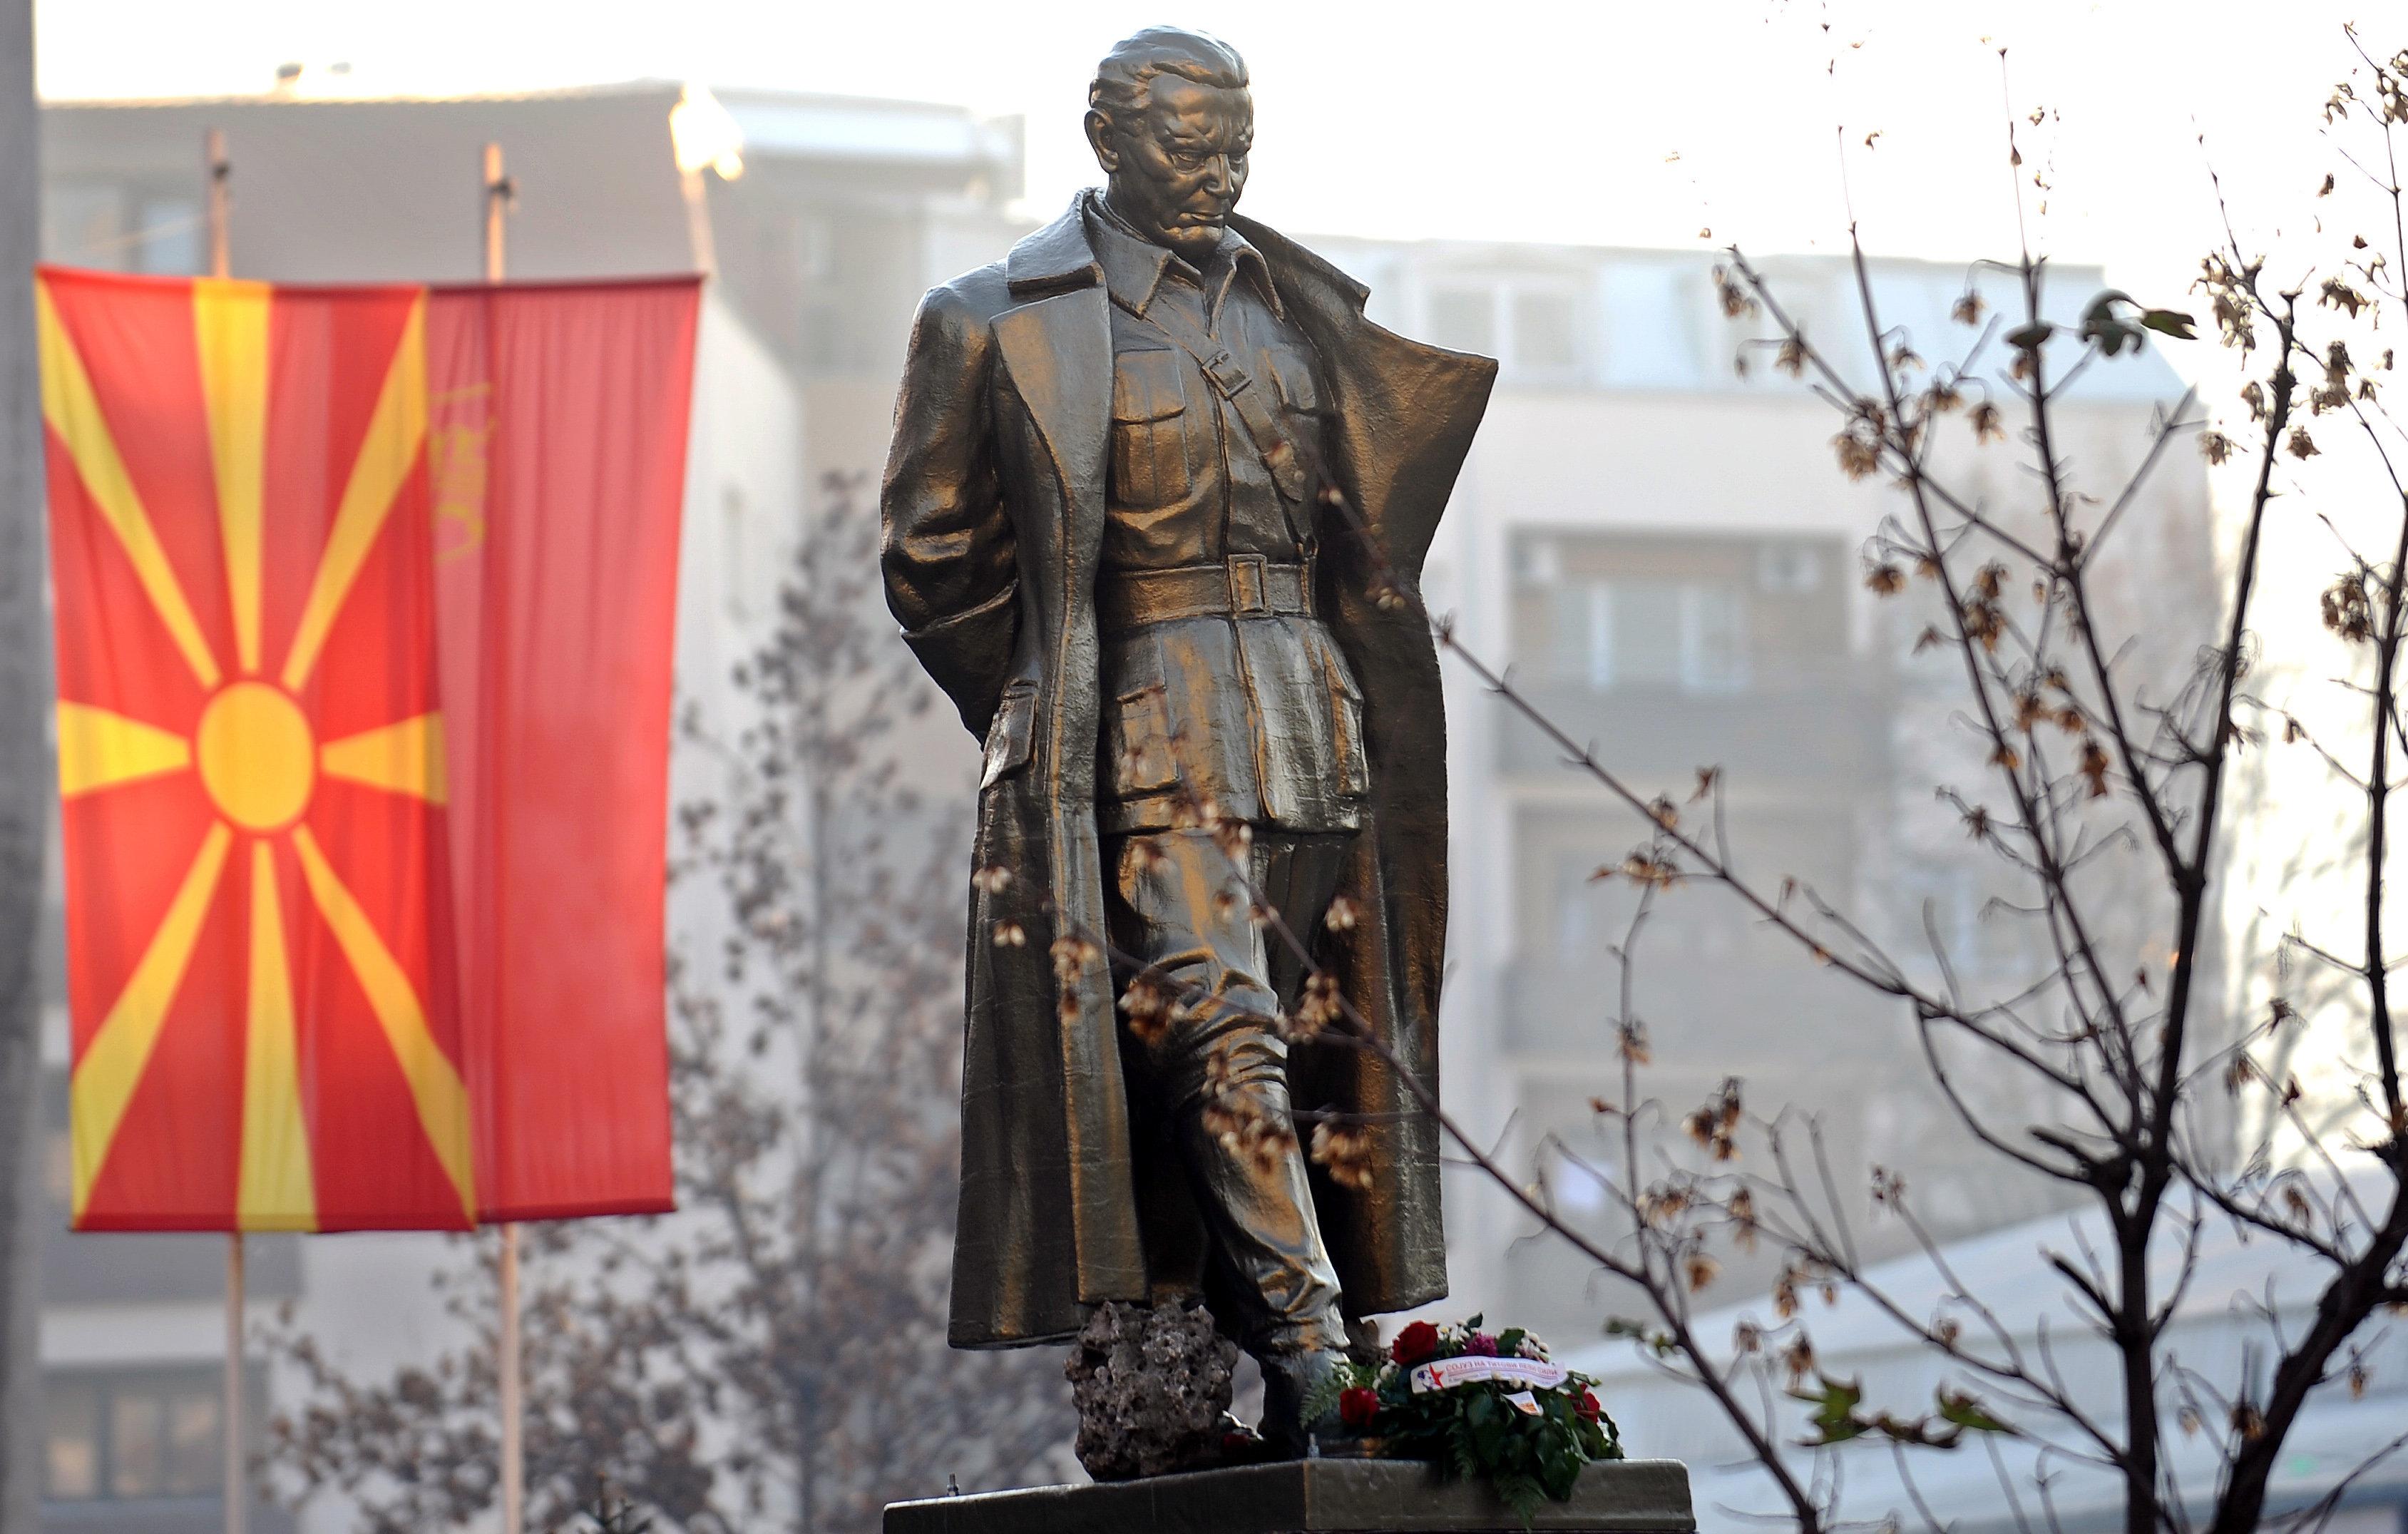 Η ιστορία του Μακεδονικού ζητήματος και η στάση της ελληνικής κυβέρνησης απέναντι στα